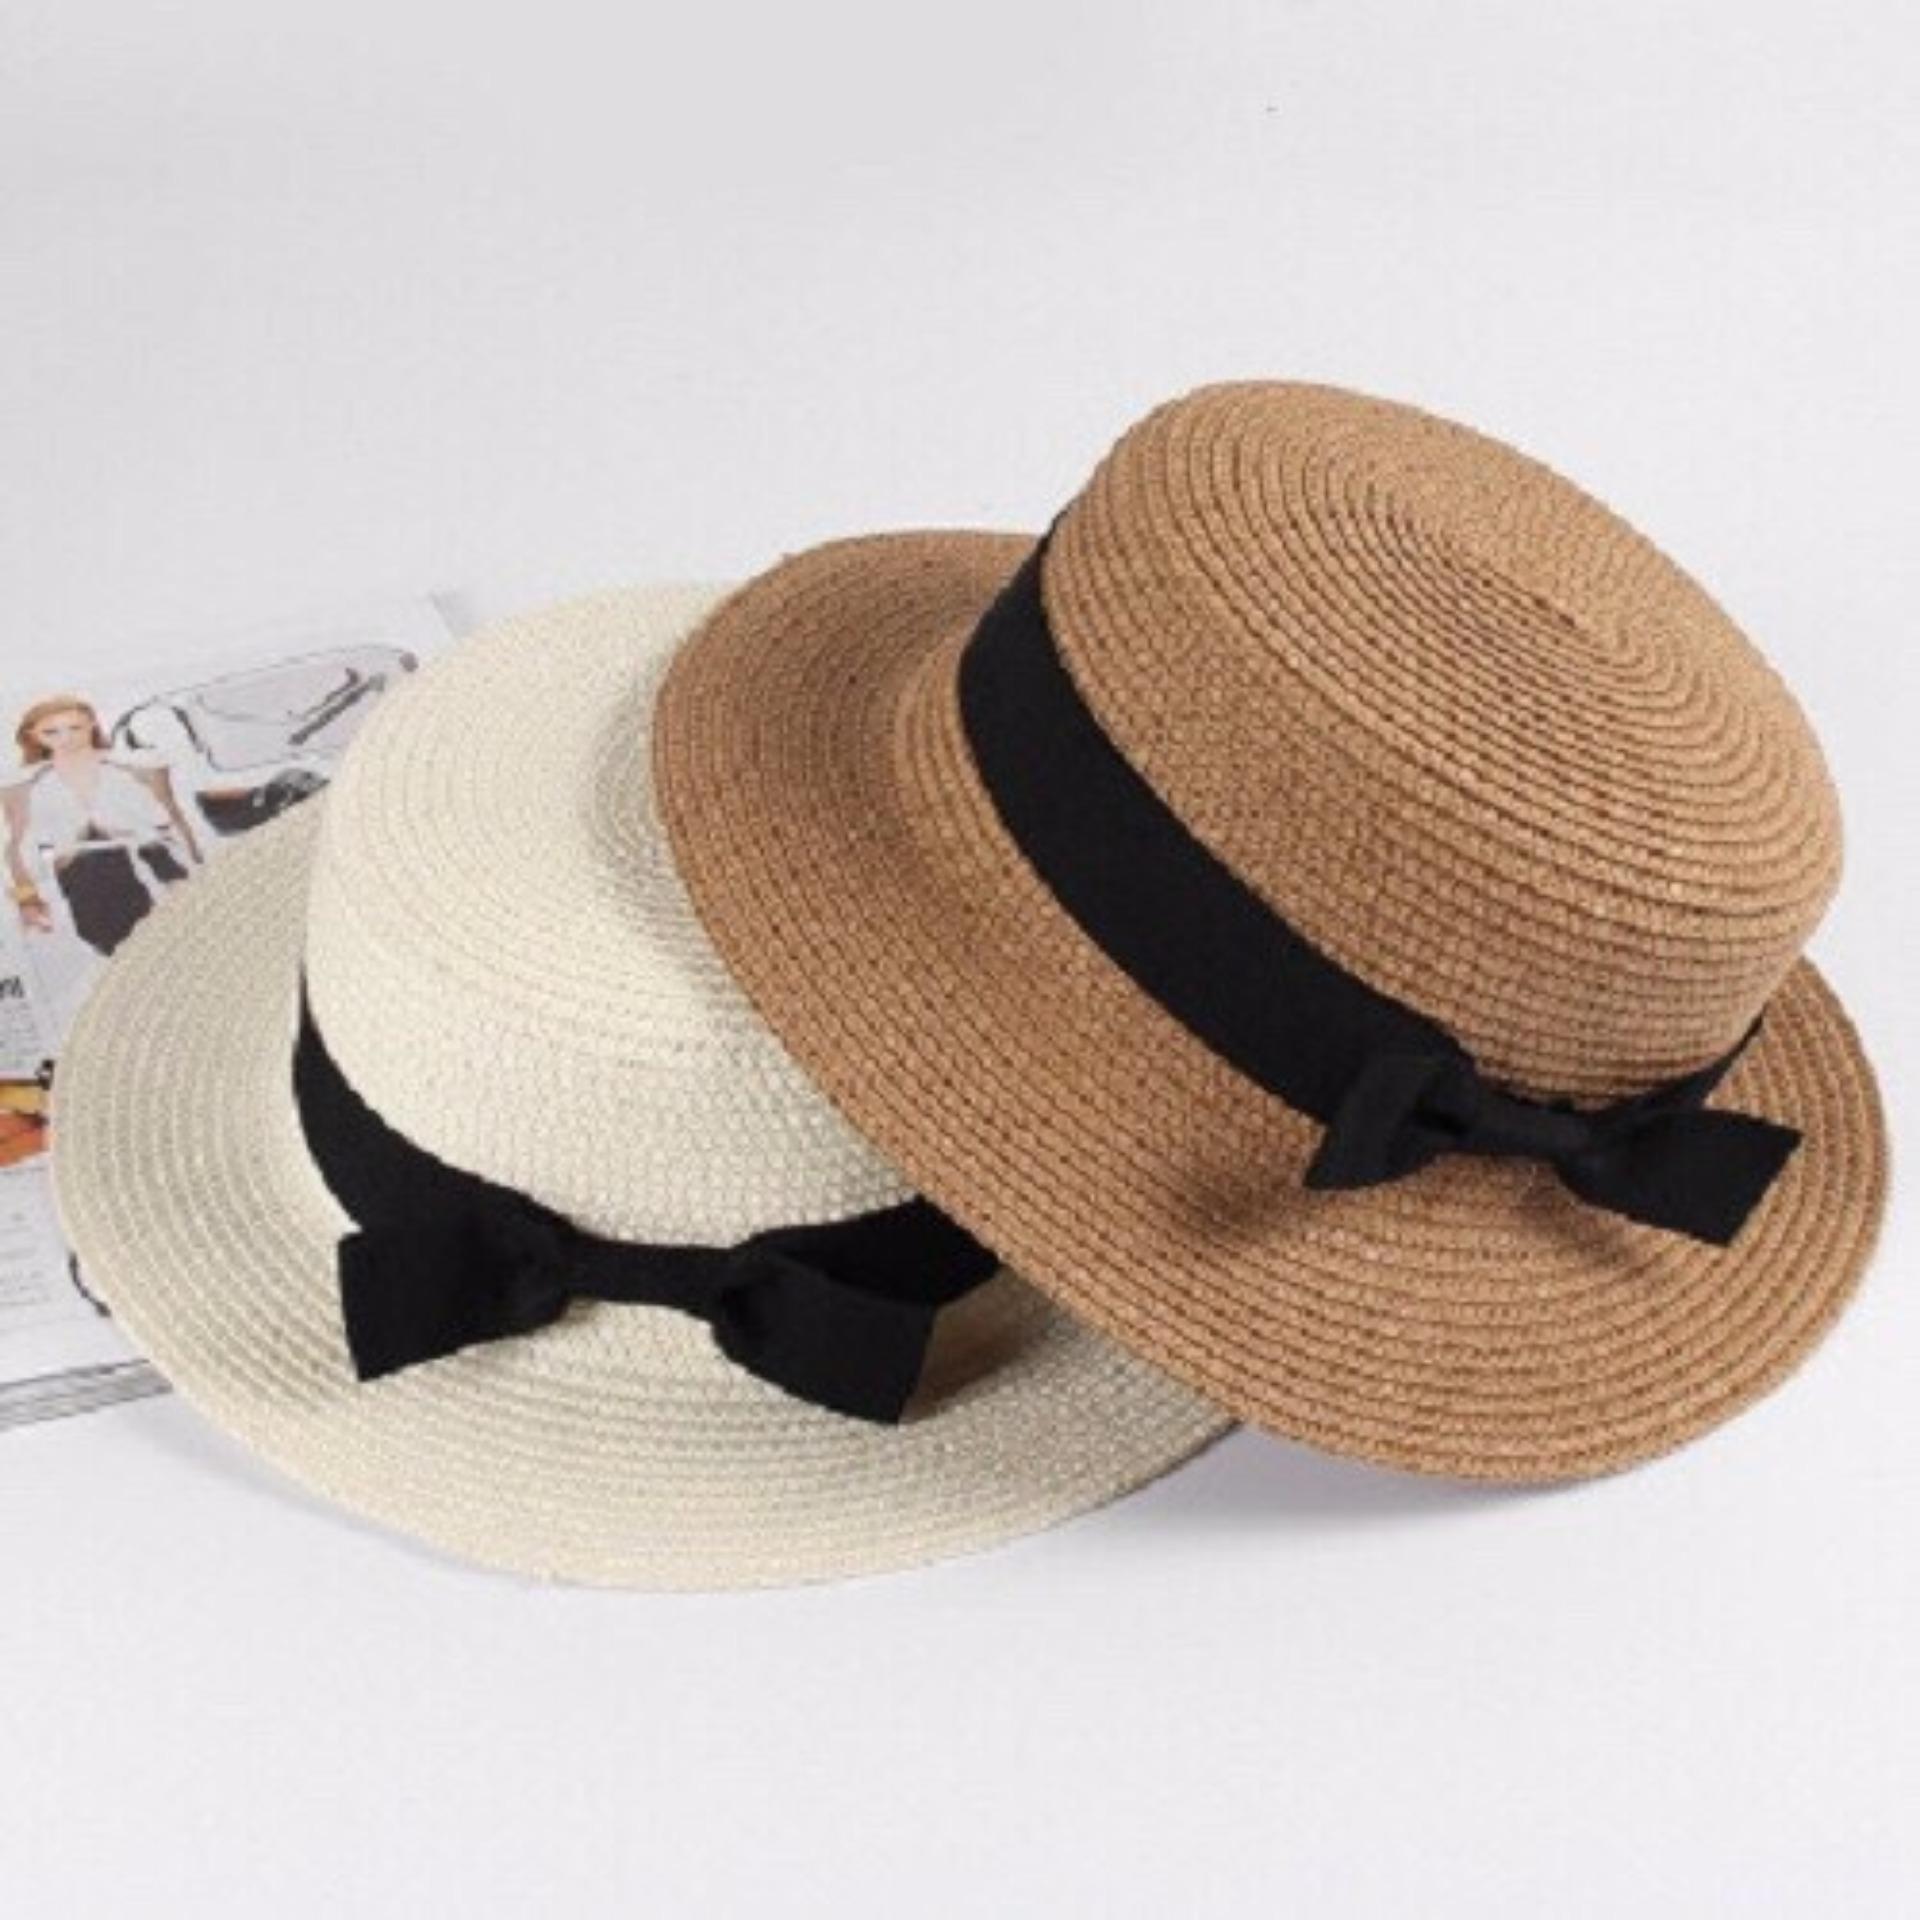 Nón đi Biển ,nón cói đi biển, mũ đi biển